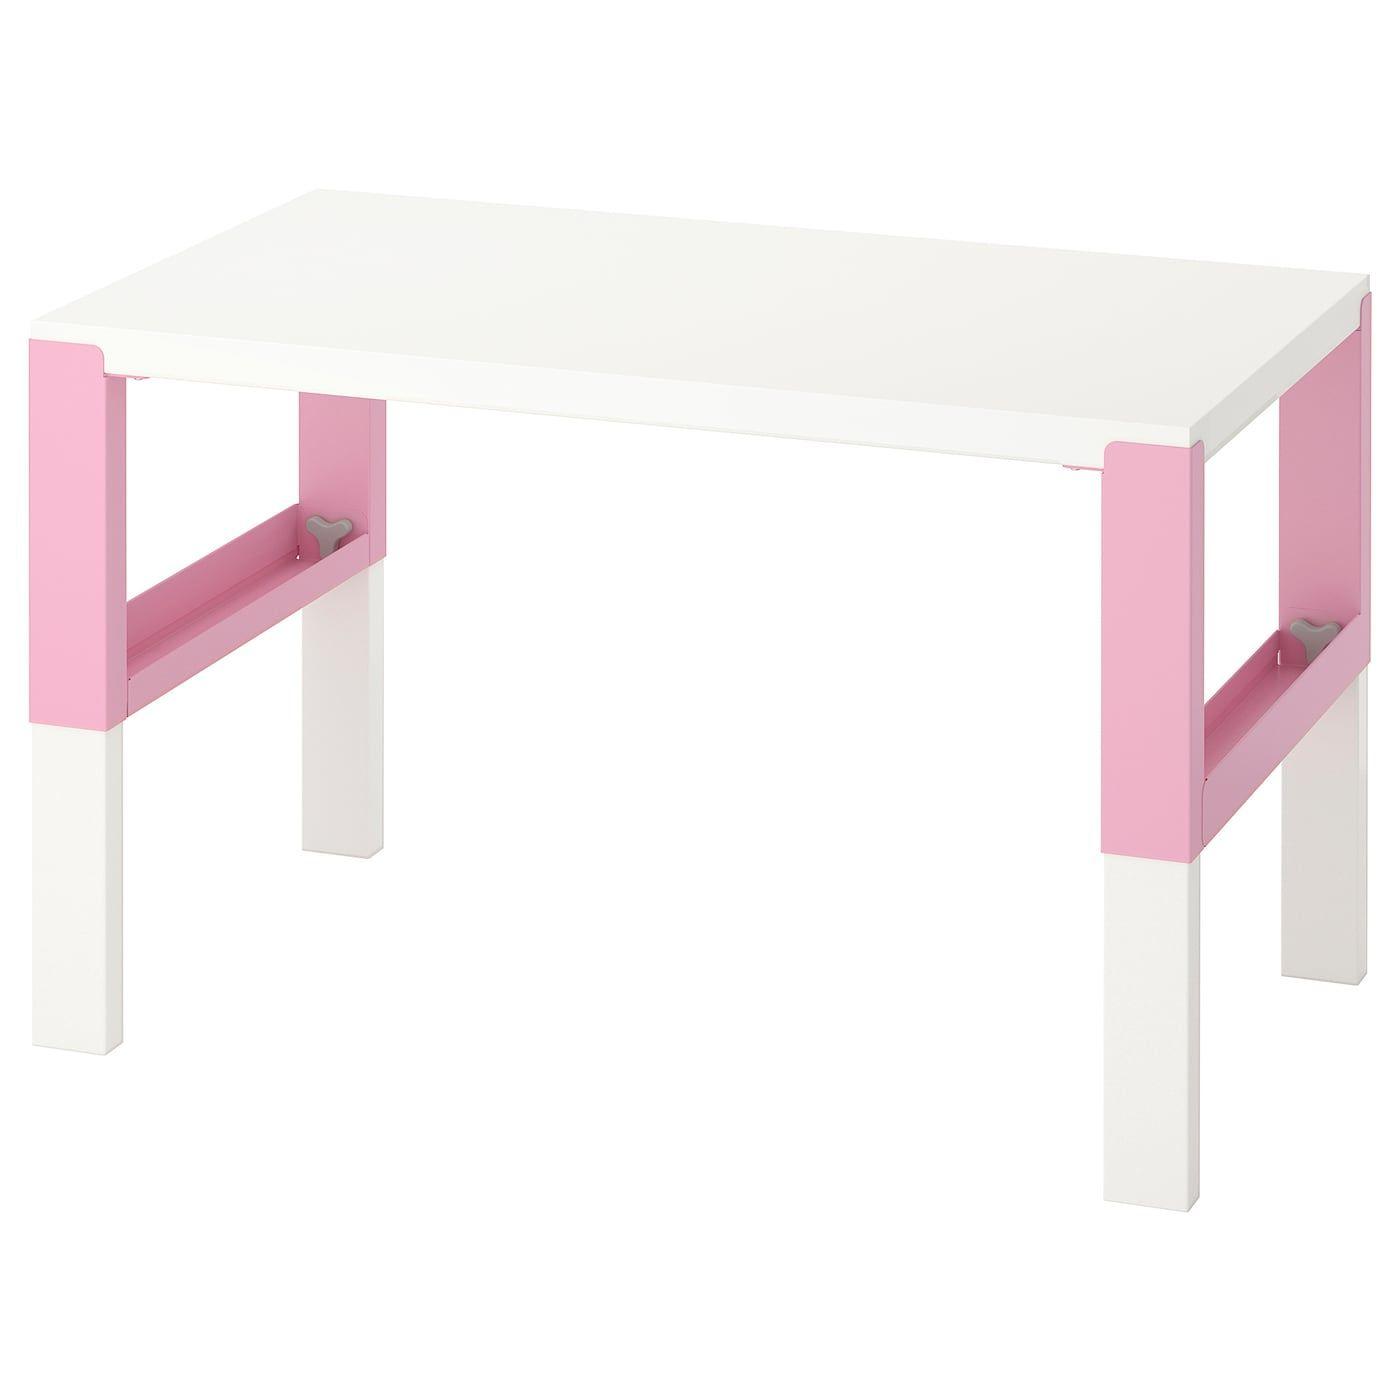 Pahl Desk White Pink Ikea In 2020 Schreibtisch Weiss Ikea Schreibtisch Schreibtischideen